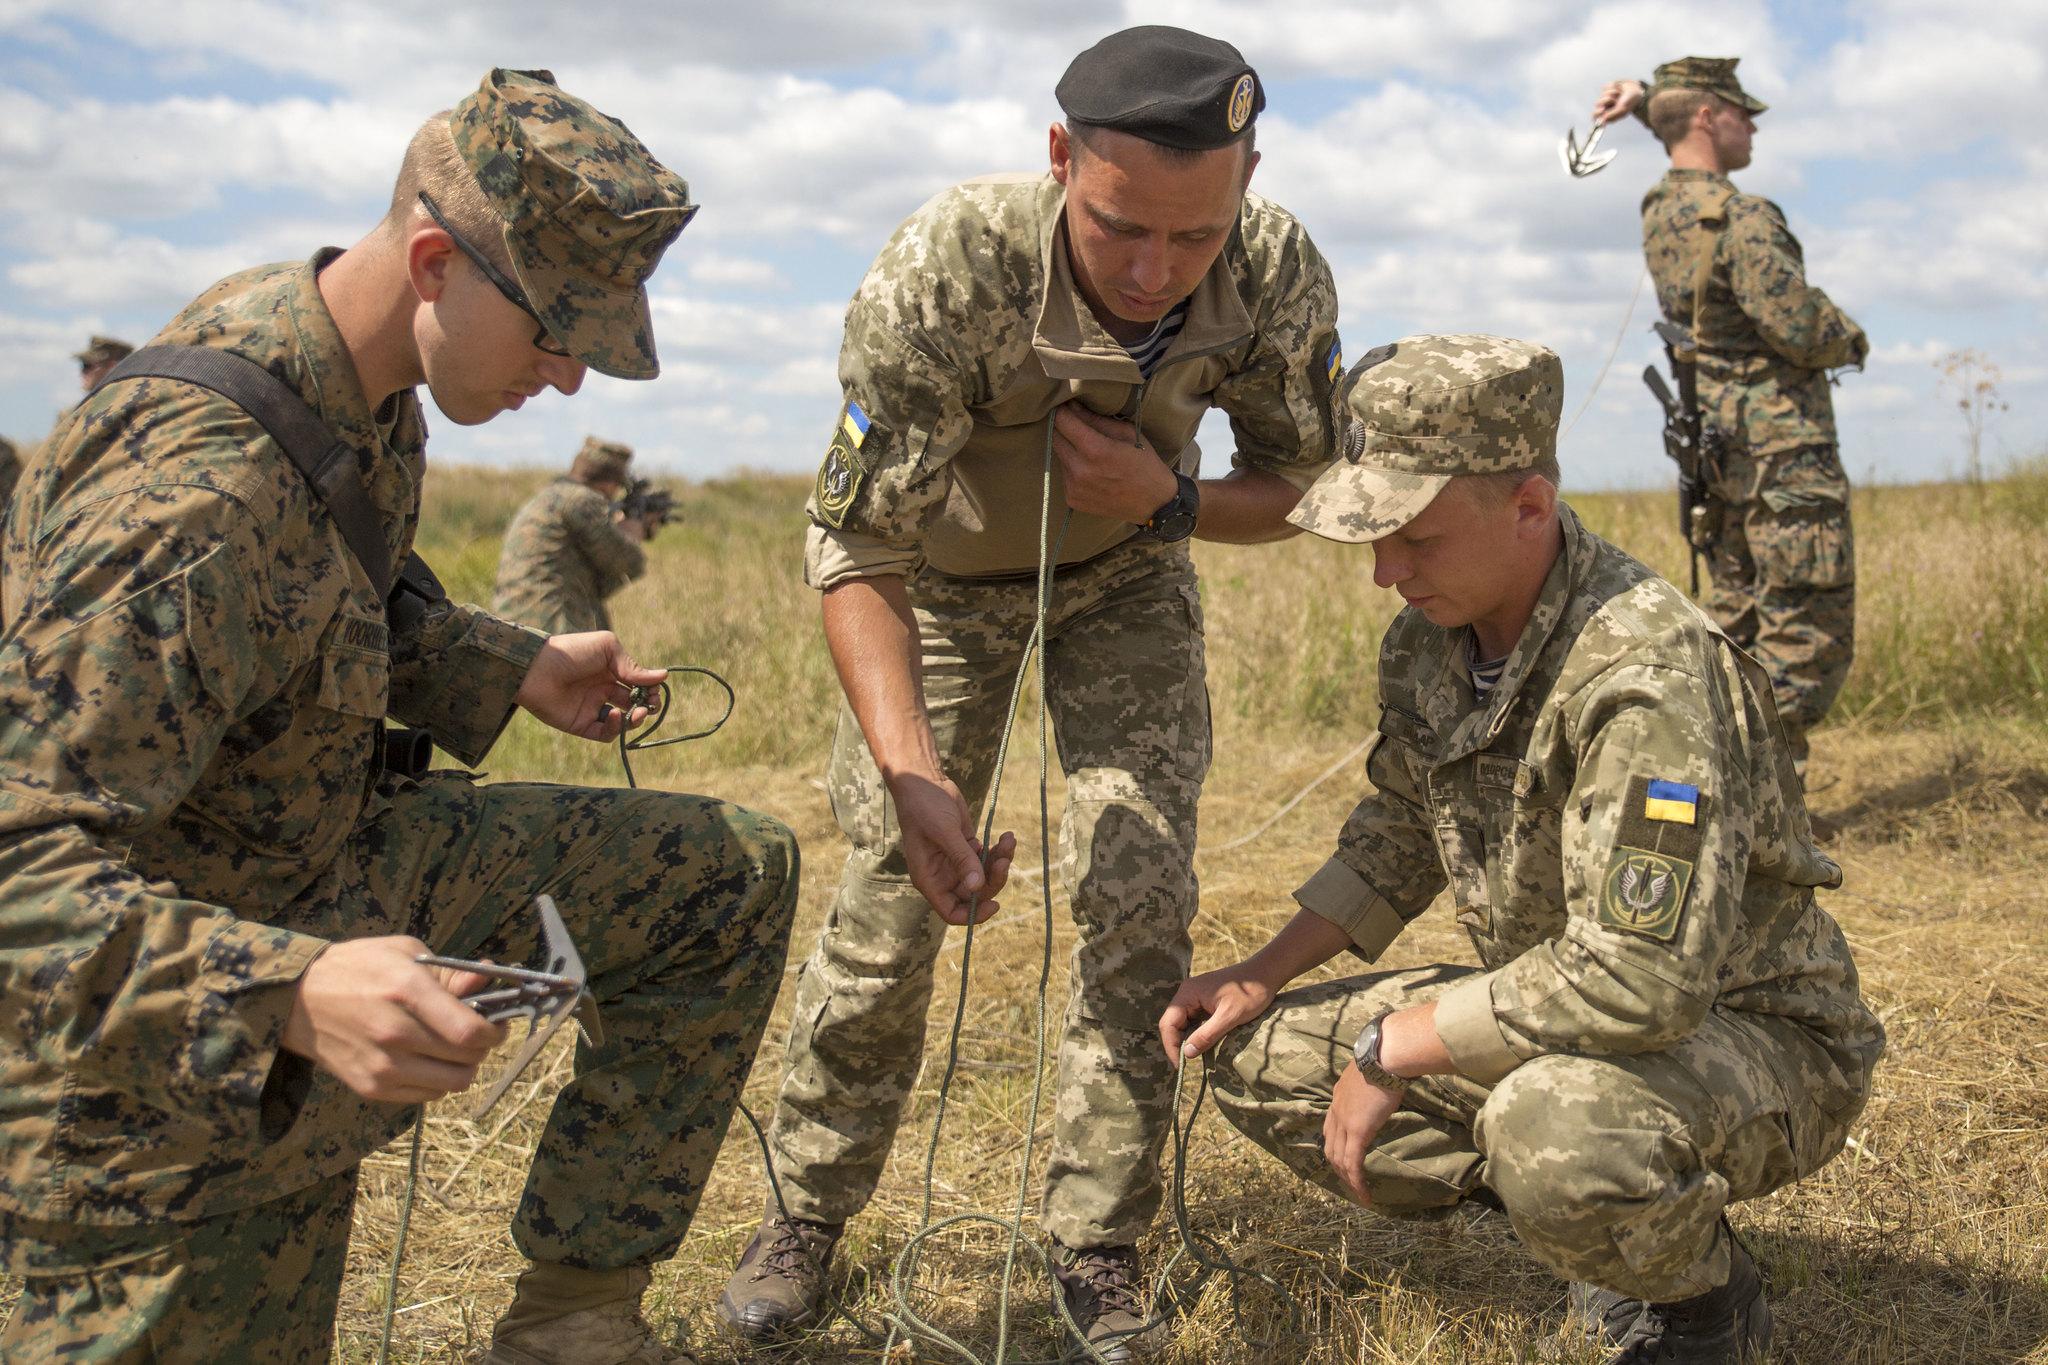 От Наполеона до Зеленского. Как воюют слабые с сильными и чему может научиться Украина